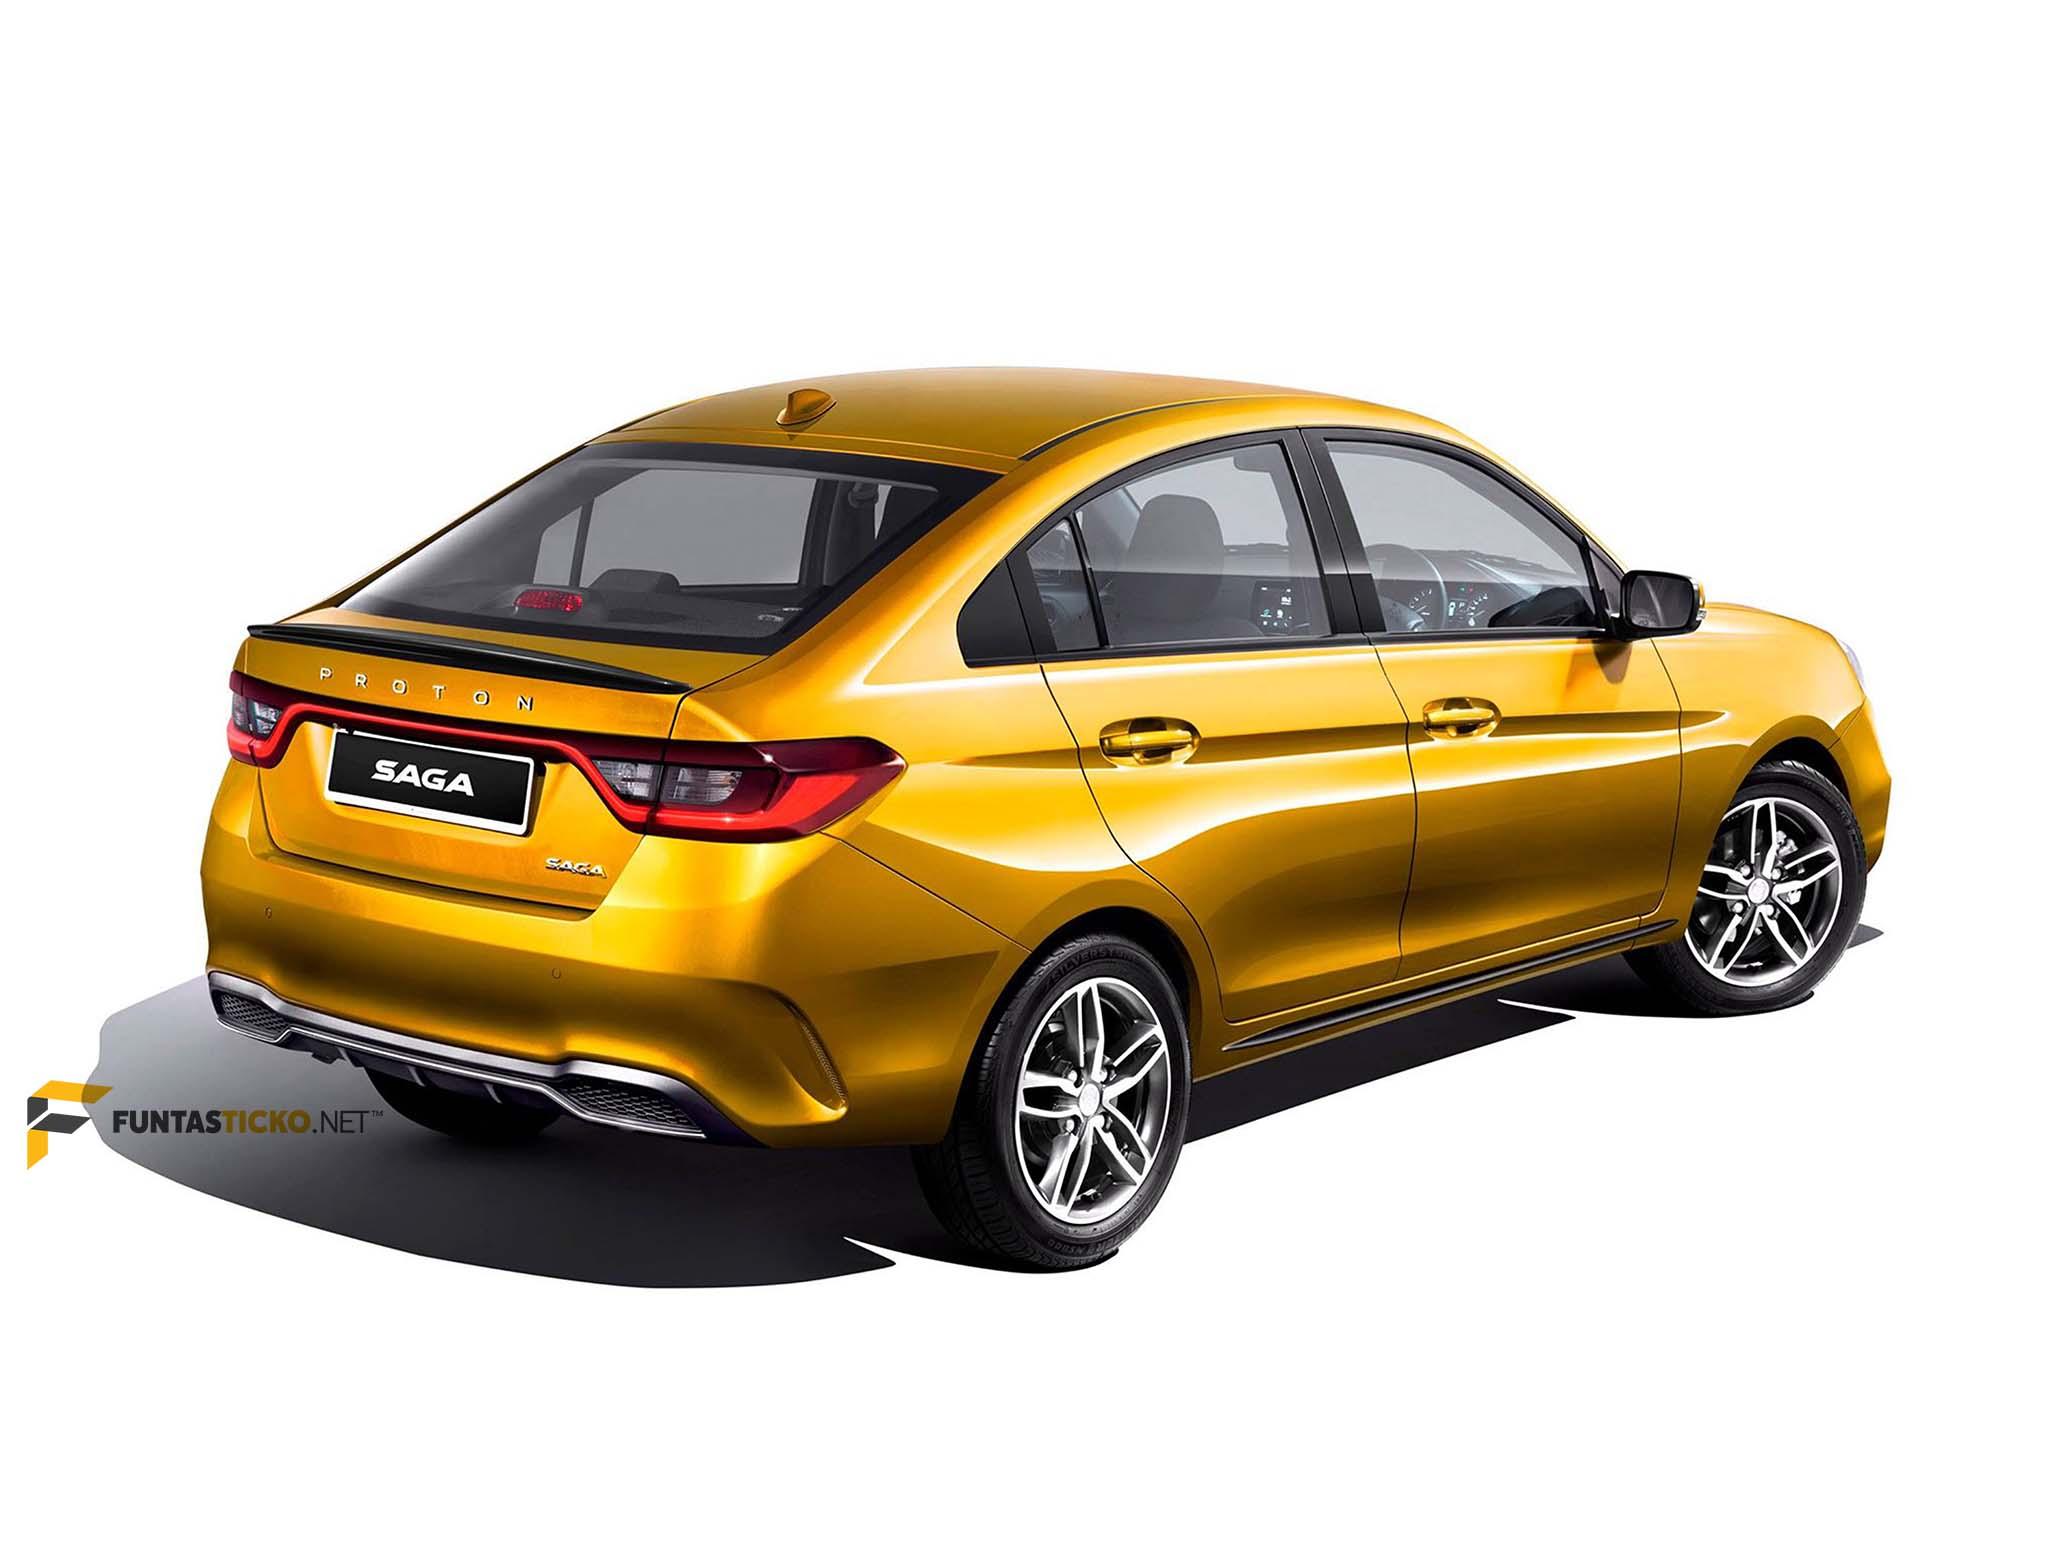 Proton Saga Aeroback Dijelmakan Kembali Secara Digital Funtasticko Net